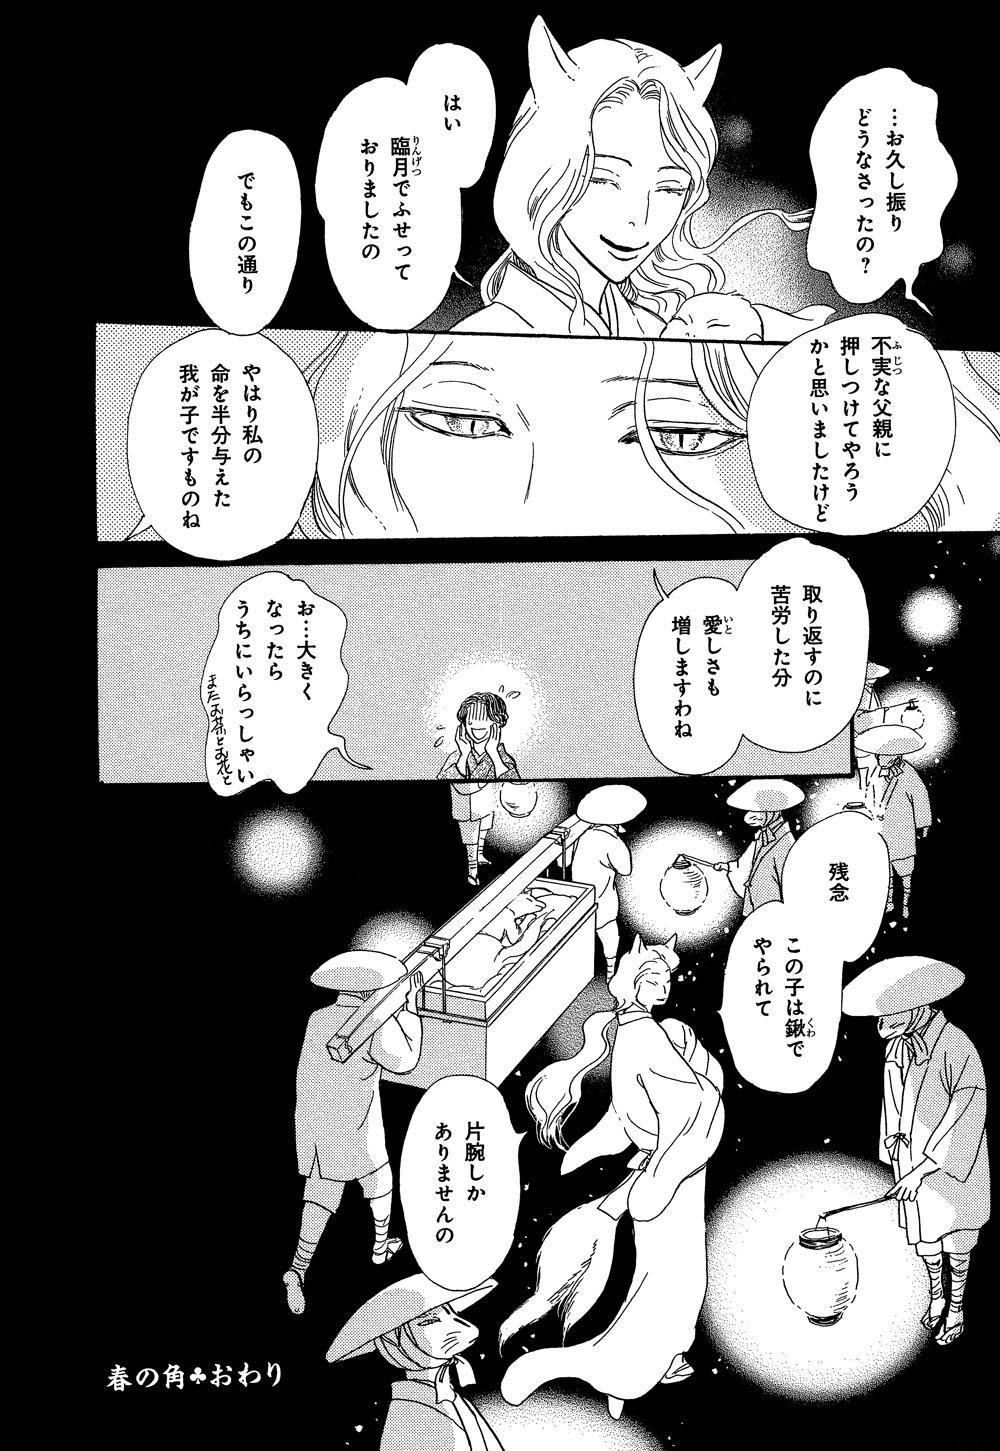 hyakki_0021_0046.jpg